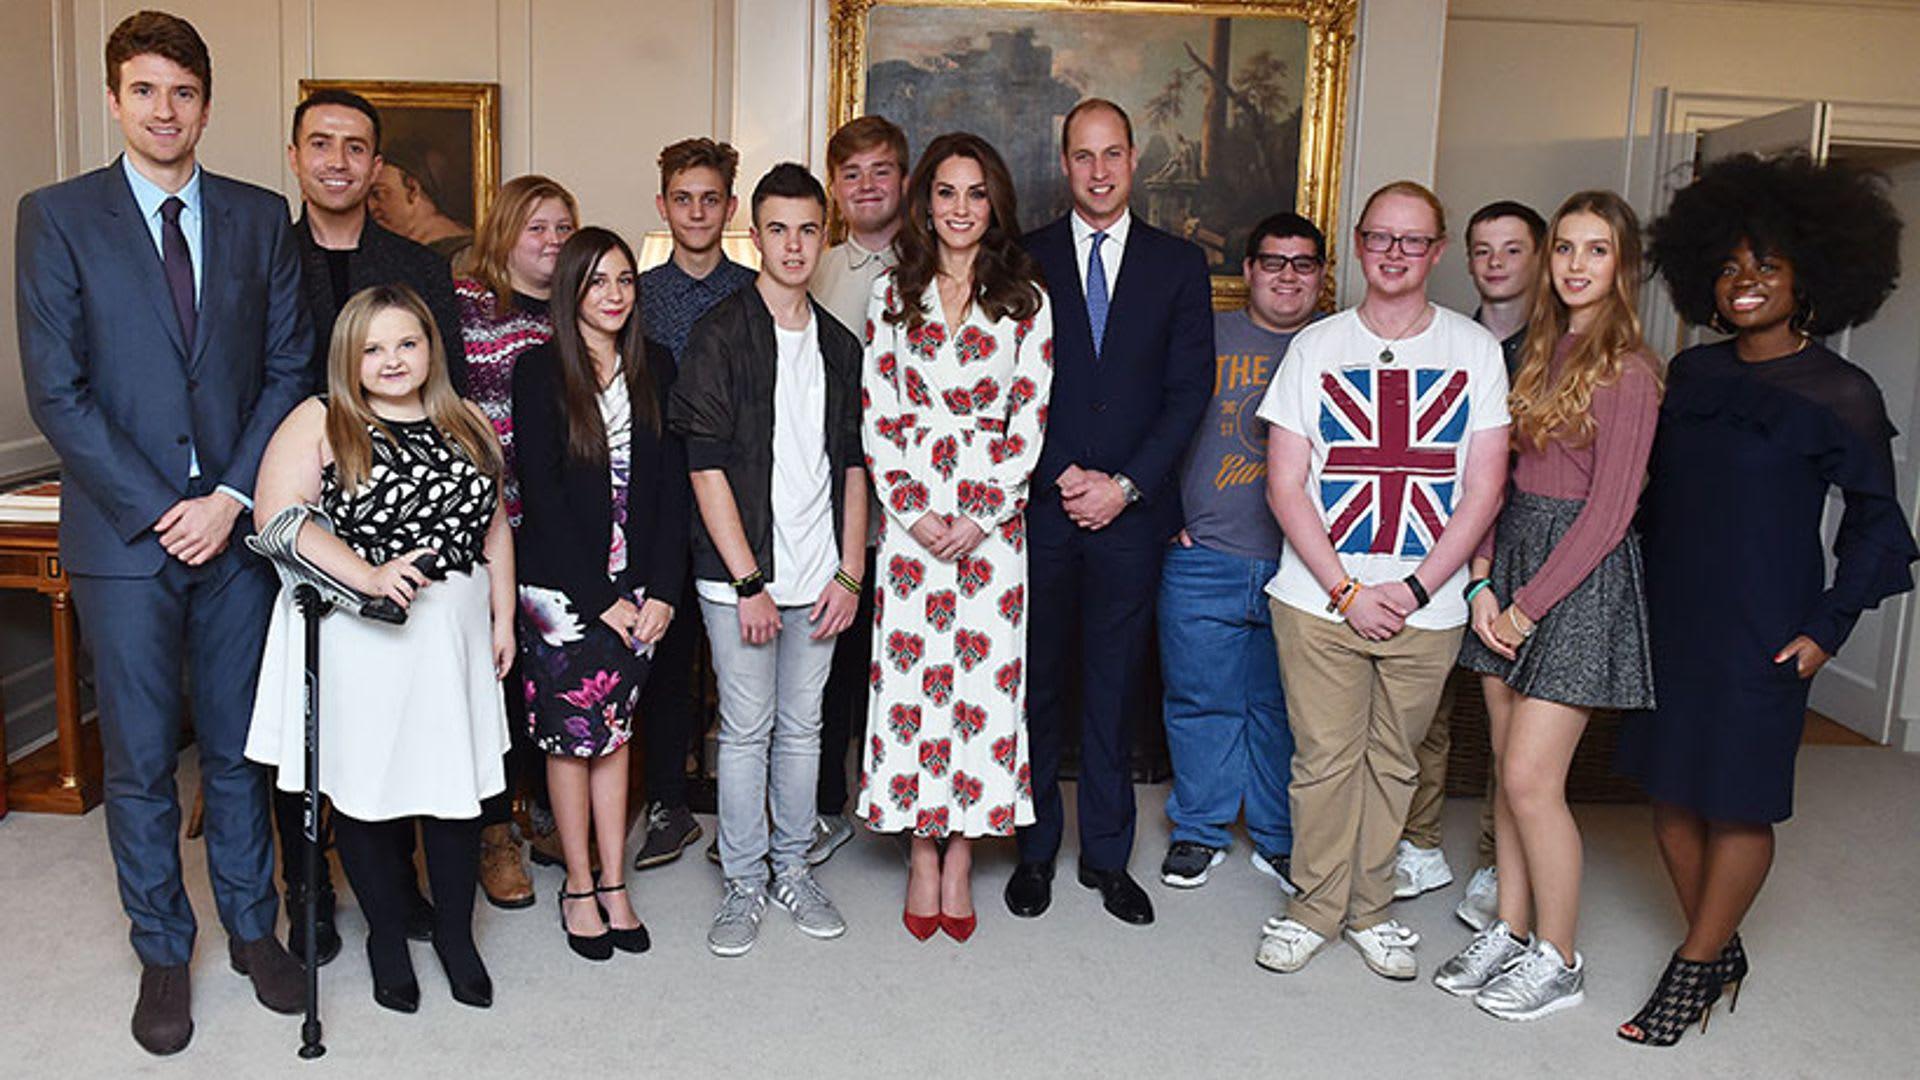 Znalezione obrazy dla zapytania duke and duchess of cambridge teen heroes